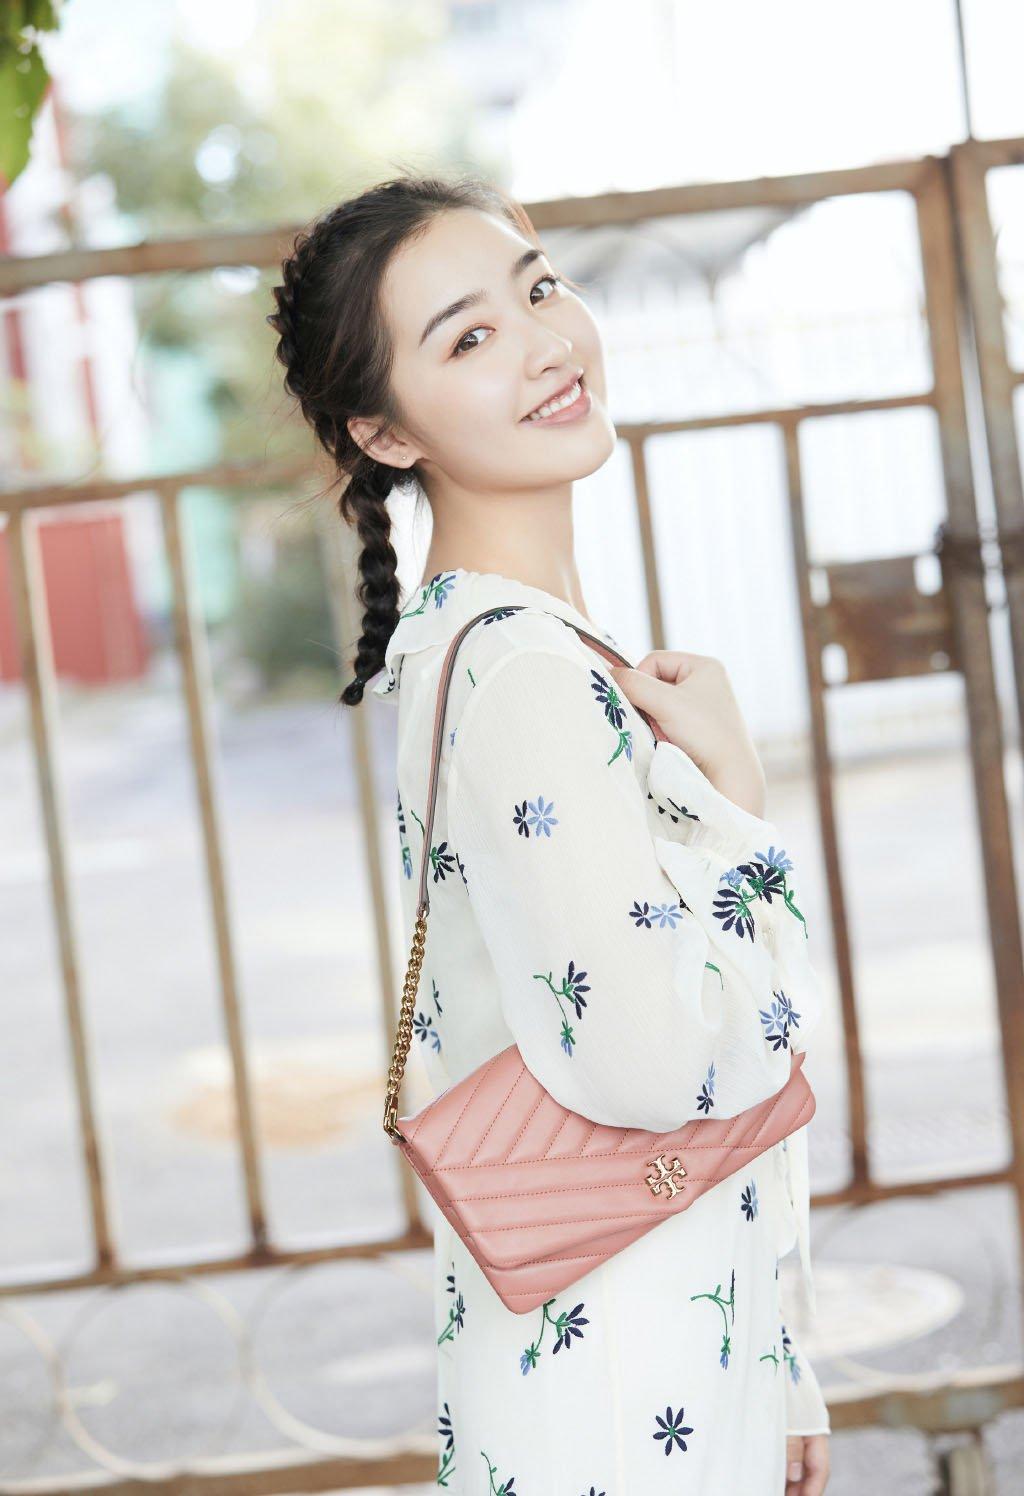 邓恩熙甜美阳光写真图片